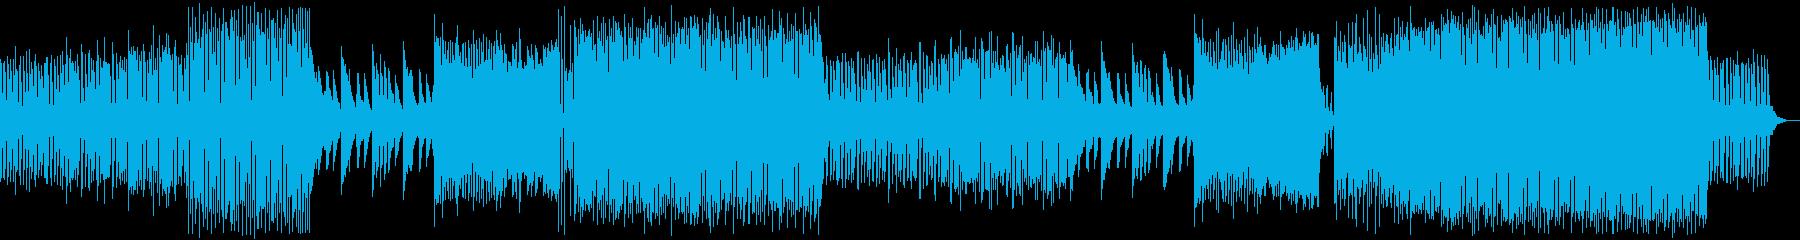 ポップでオシャレなEDMの再生済みの波形